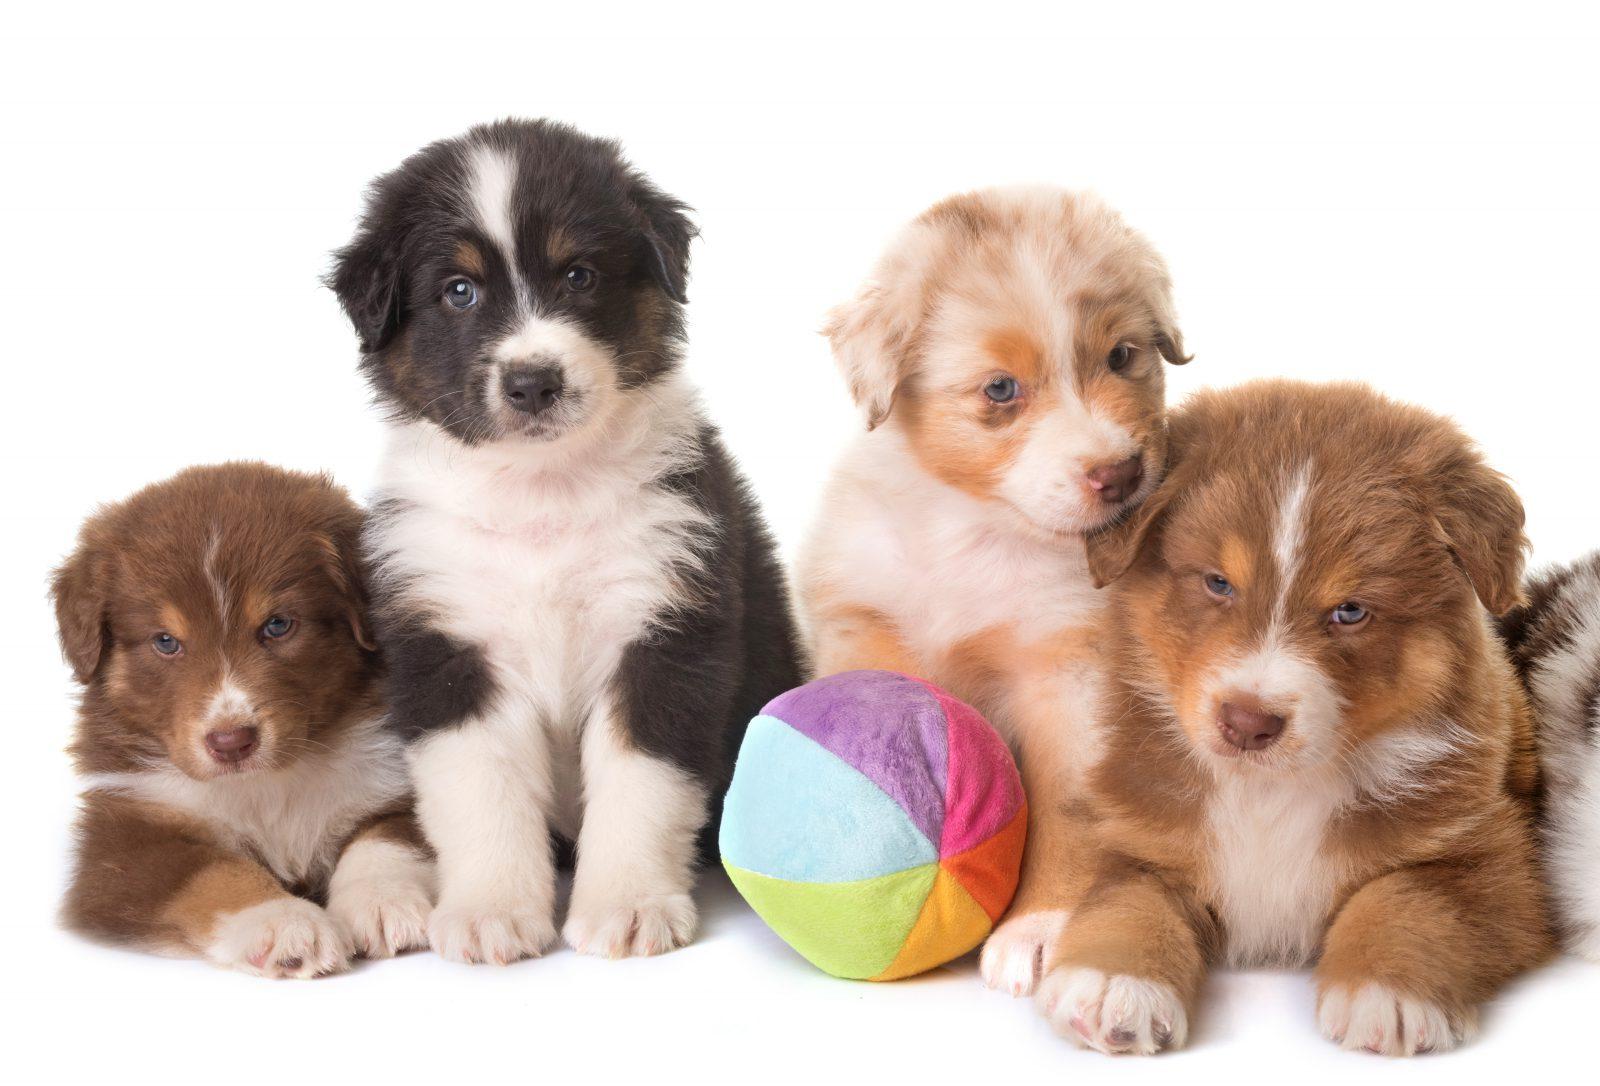 Preço de cachorro: grupo de pastores australianos filhotes